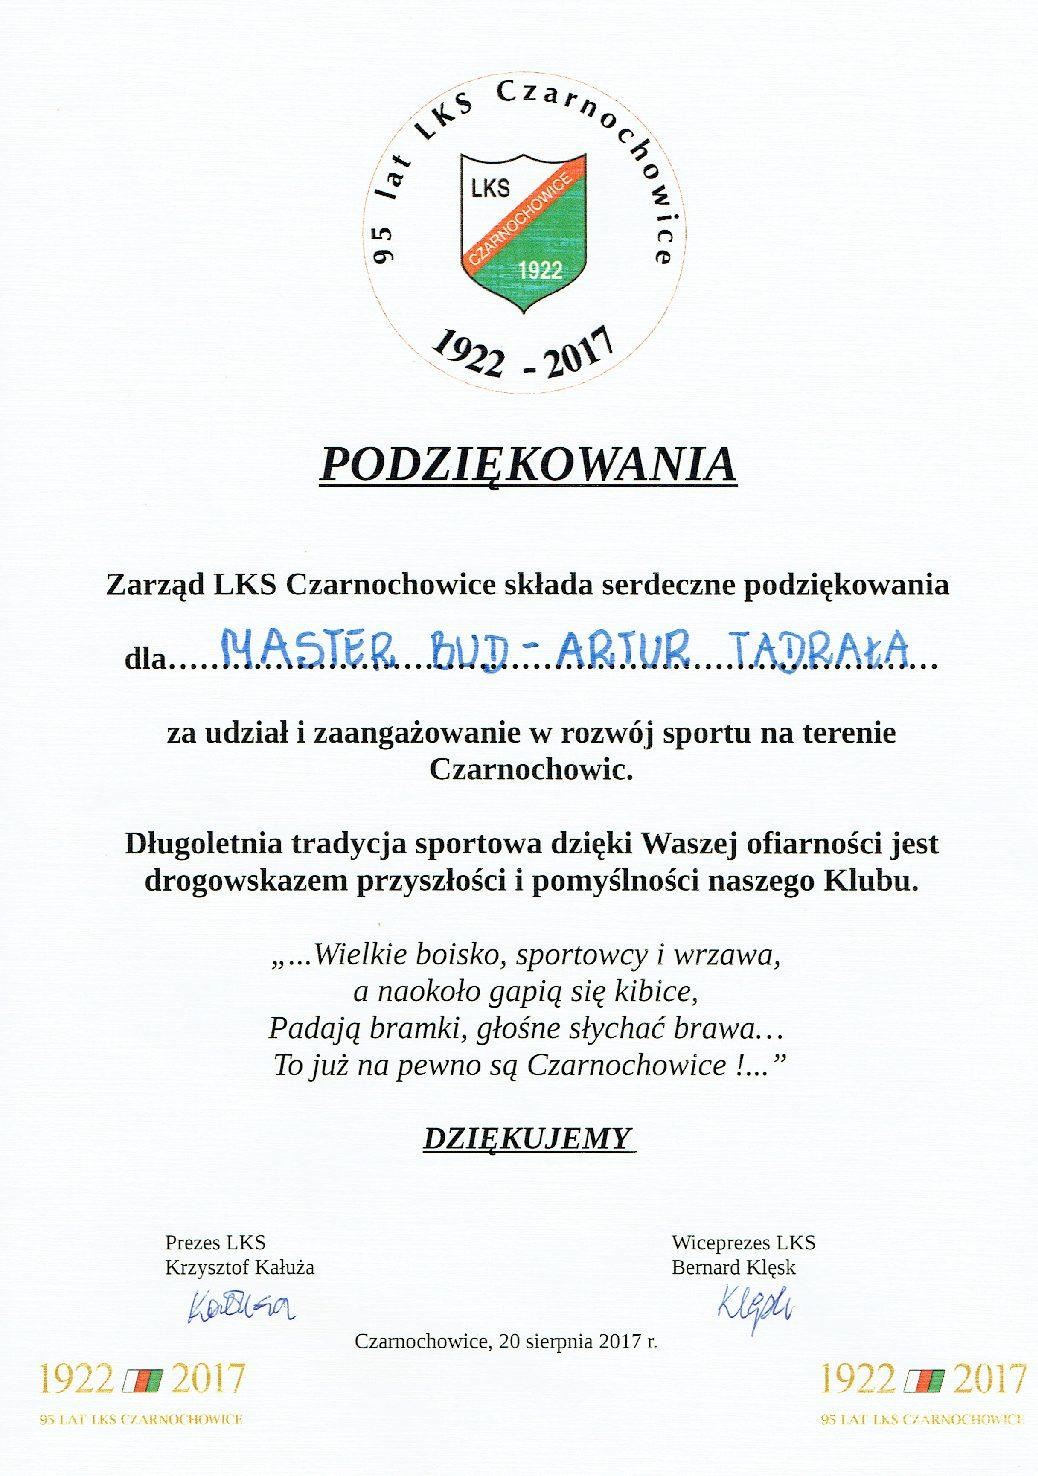 podziekowanie - Czarnochowice